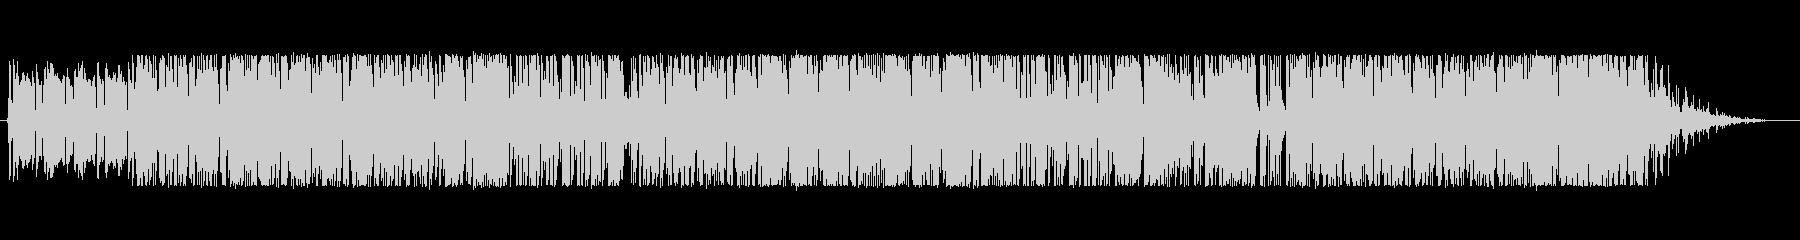 ツインドラムス&ベースで重量サウンドを!の未再生の波形